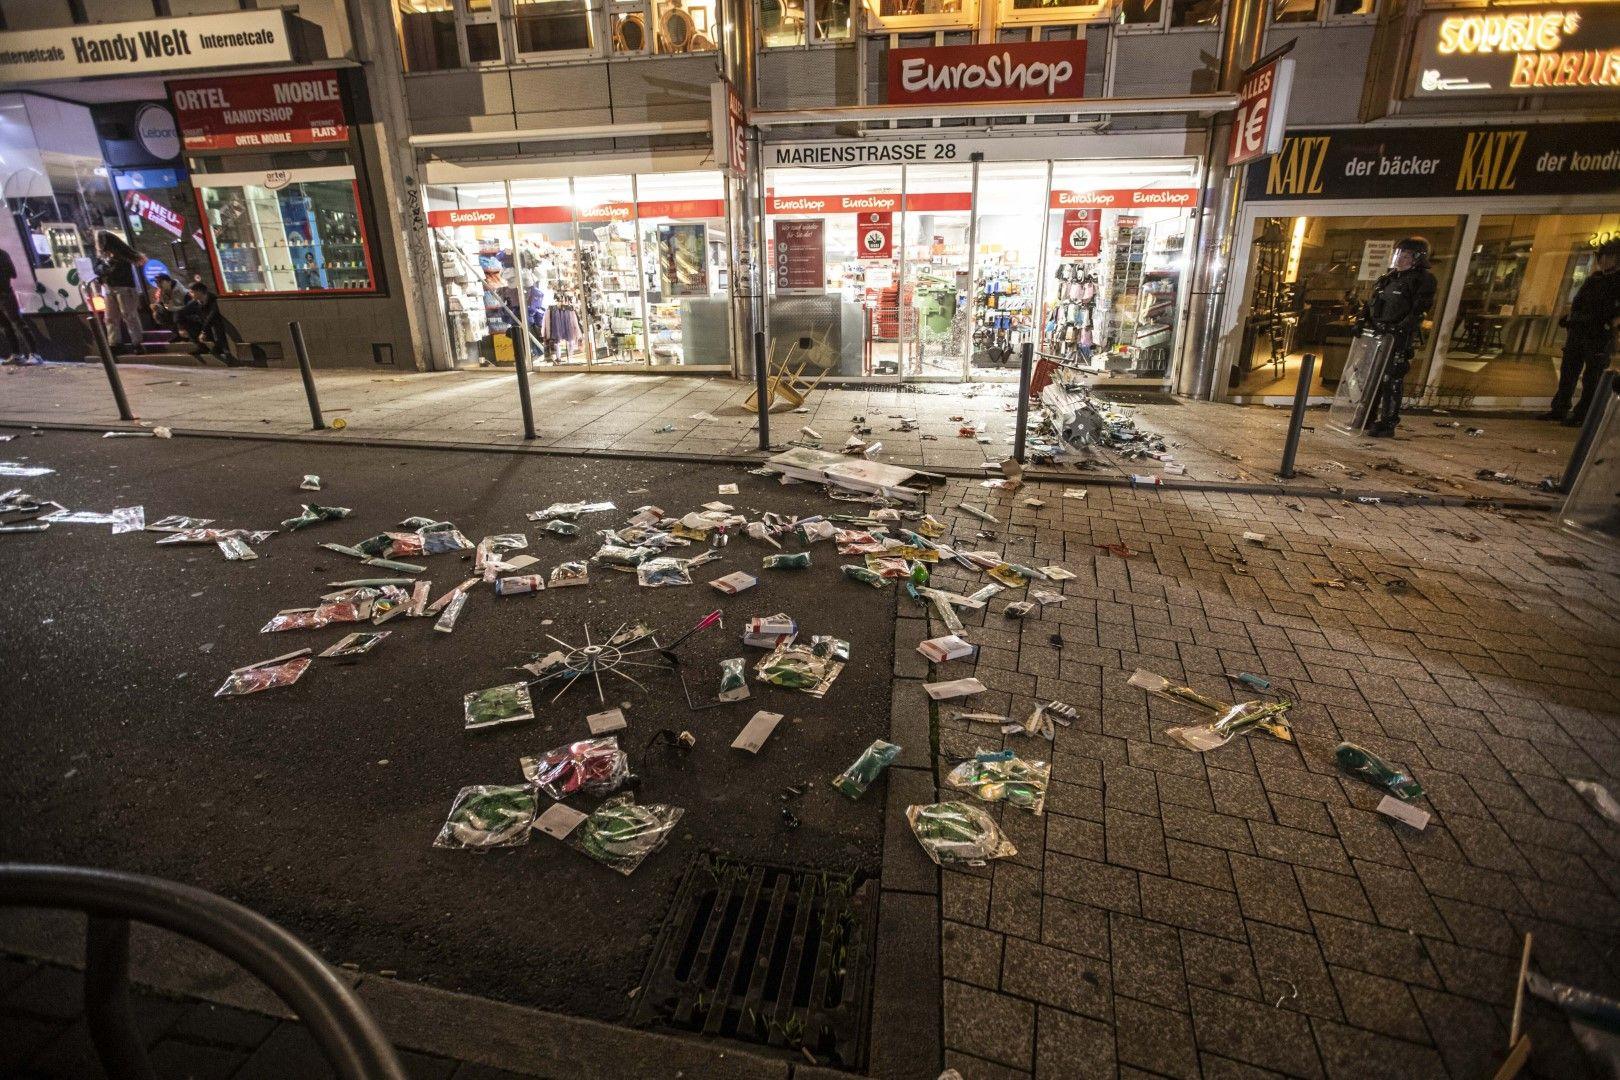 Атакувани са били много магазини в центъра на града